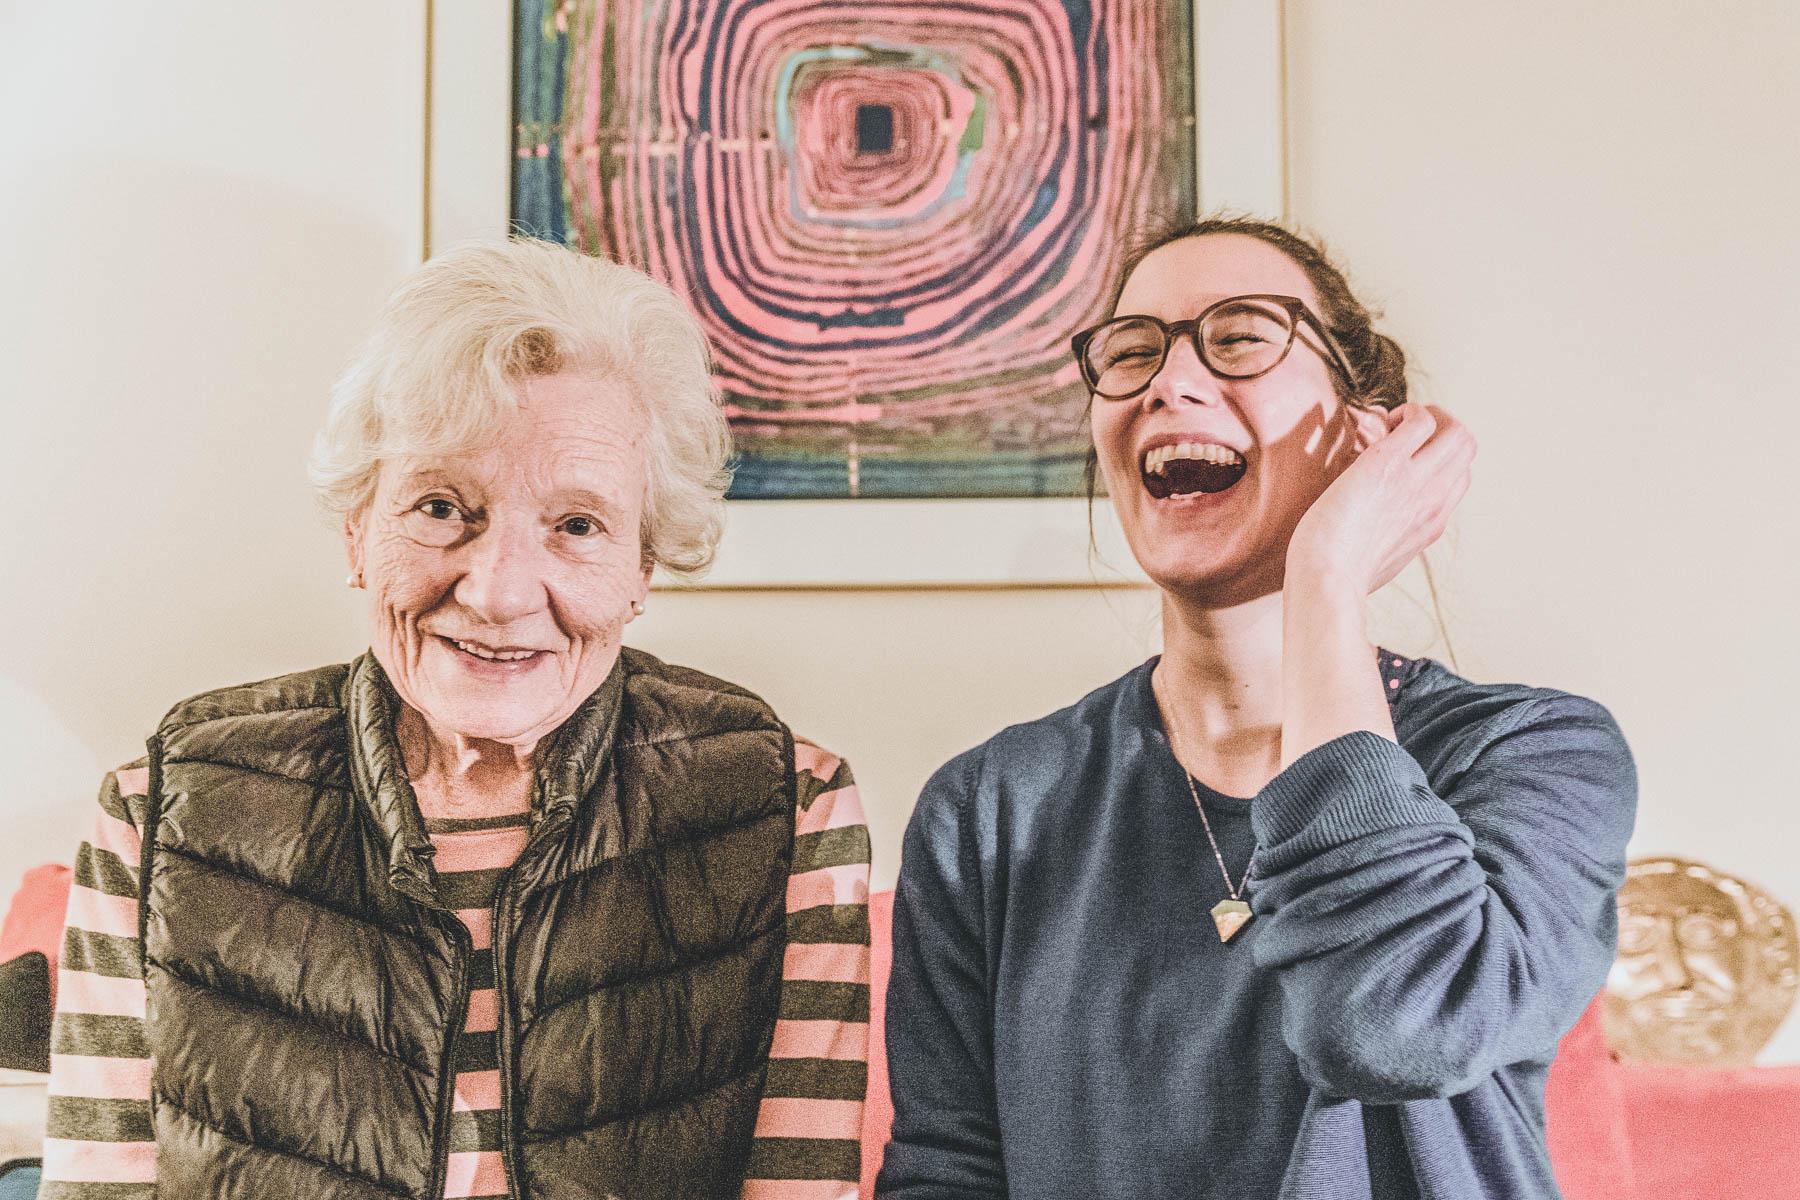 Geheimtipp Muenchen freunde alter menschen 9 – ©Freunde Alter Menschen e.V.